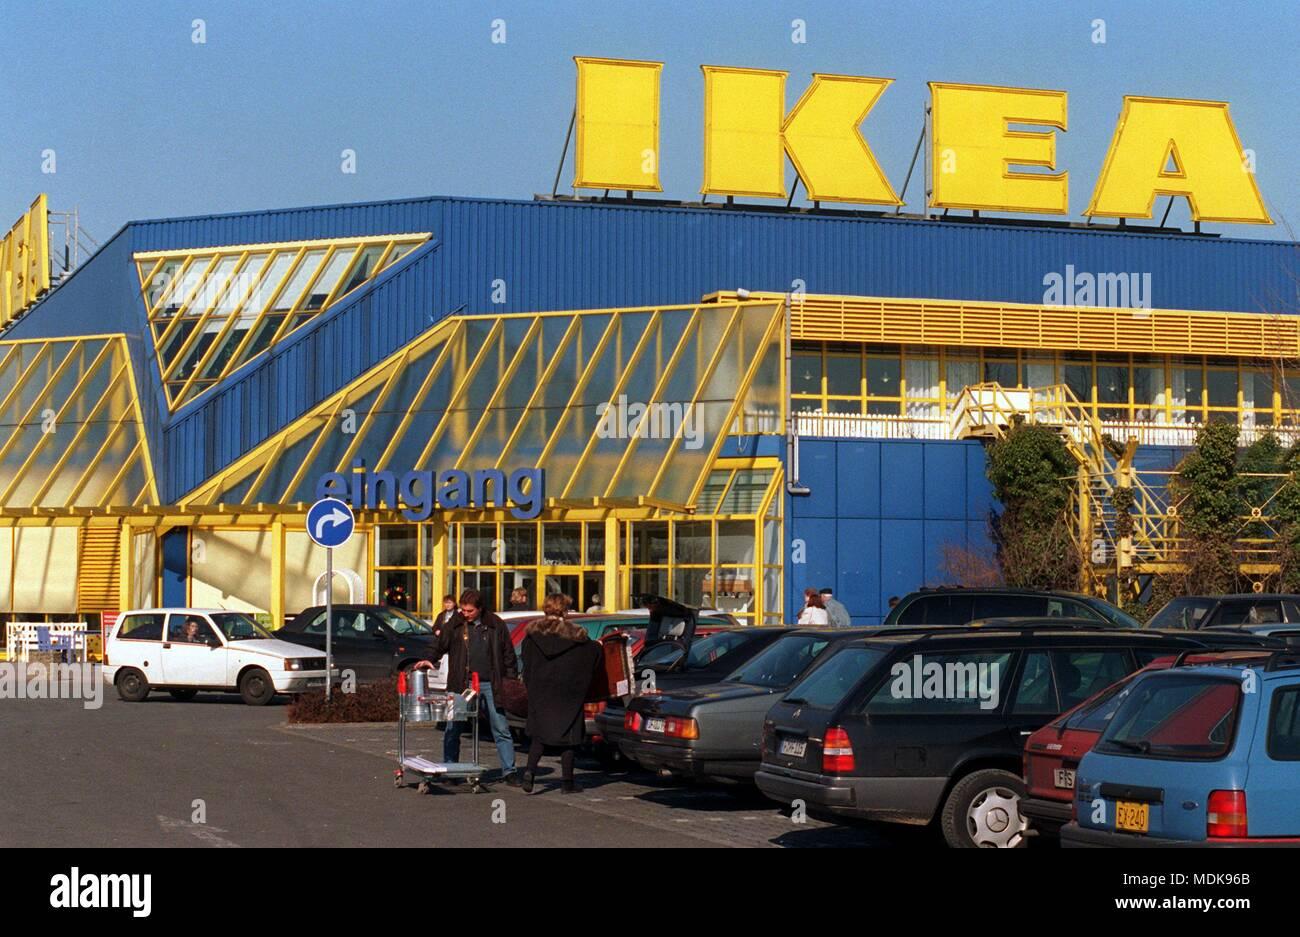 Blick Auf Das Schwedische Möbelhaus Ikea Am 2621996 In Wiesbaden